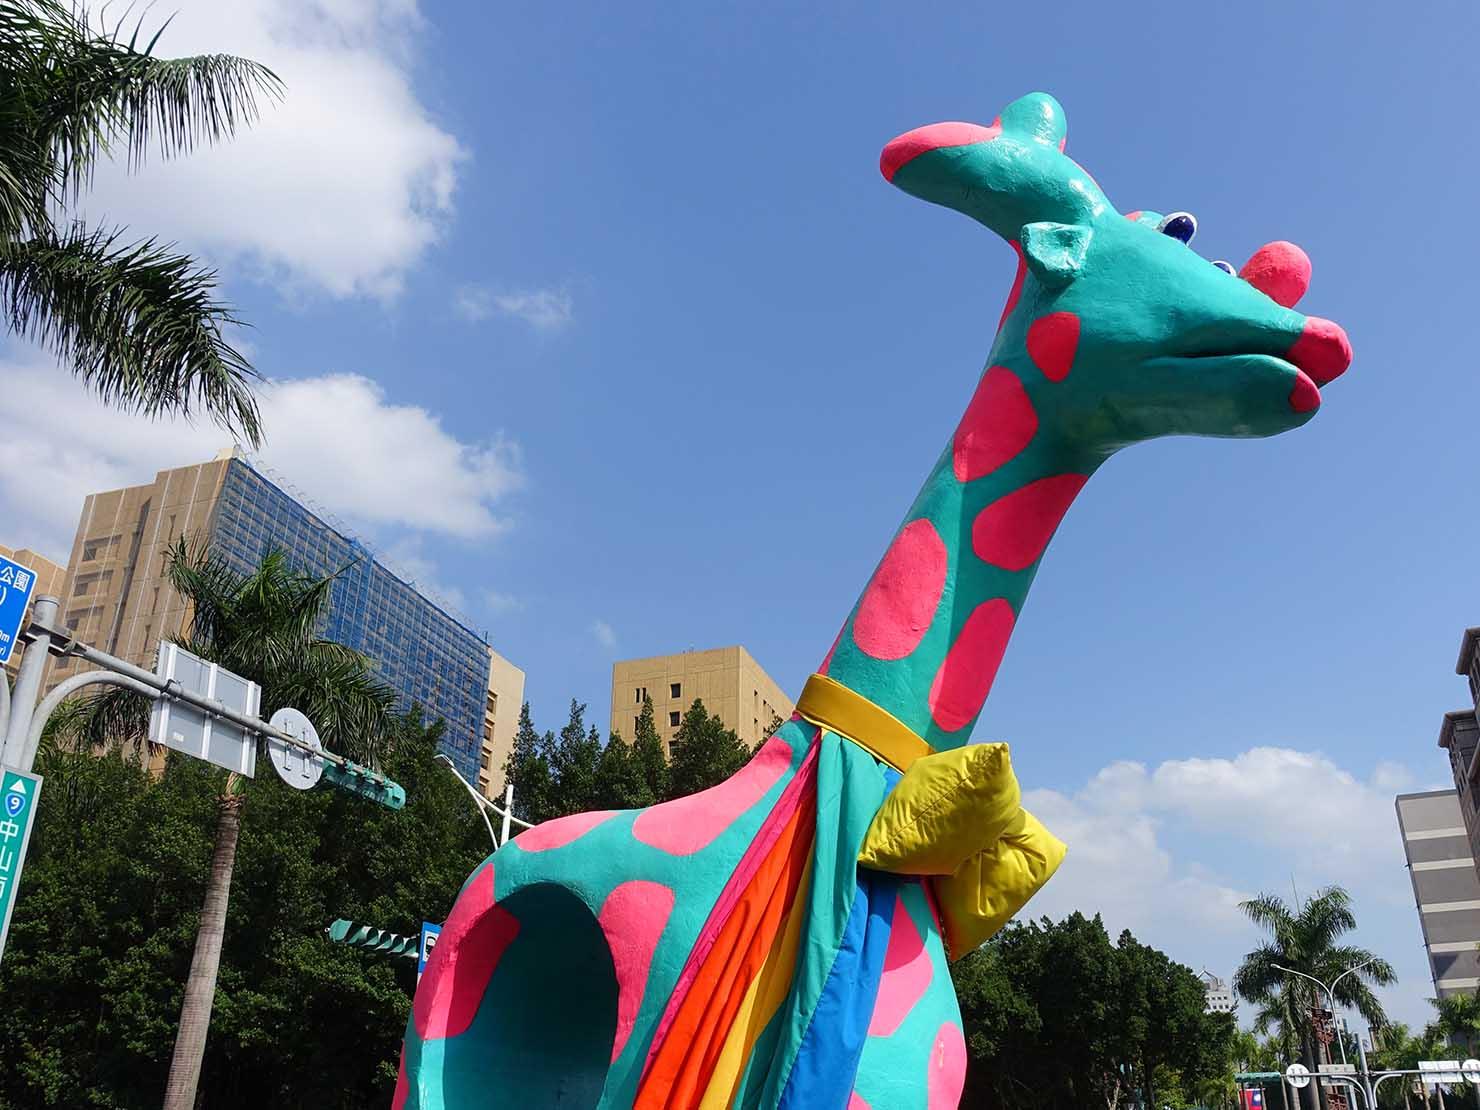 台灣同志遊行(台湾LGBTプライド)2018の会場に現れた巨大キリンのオブジェ